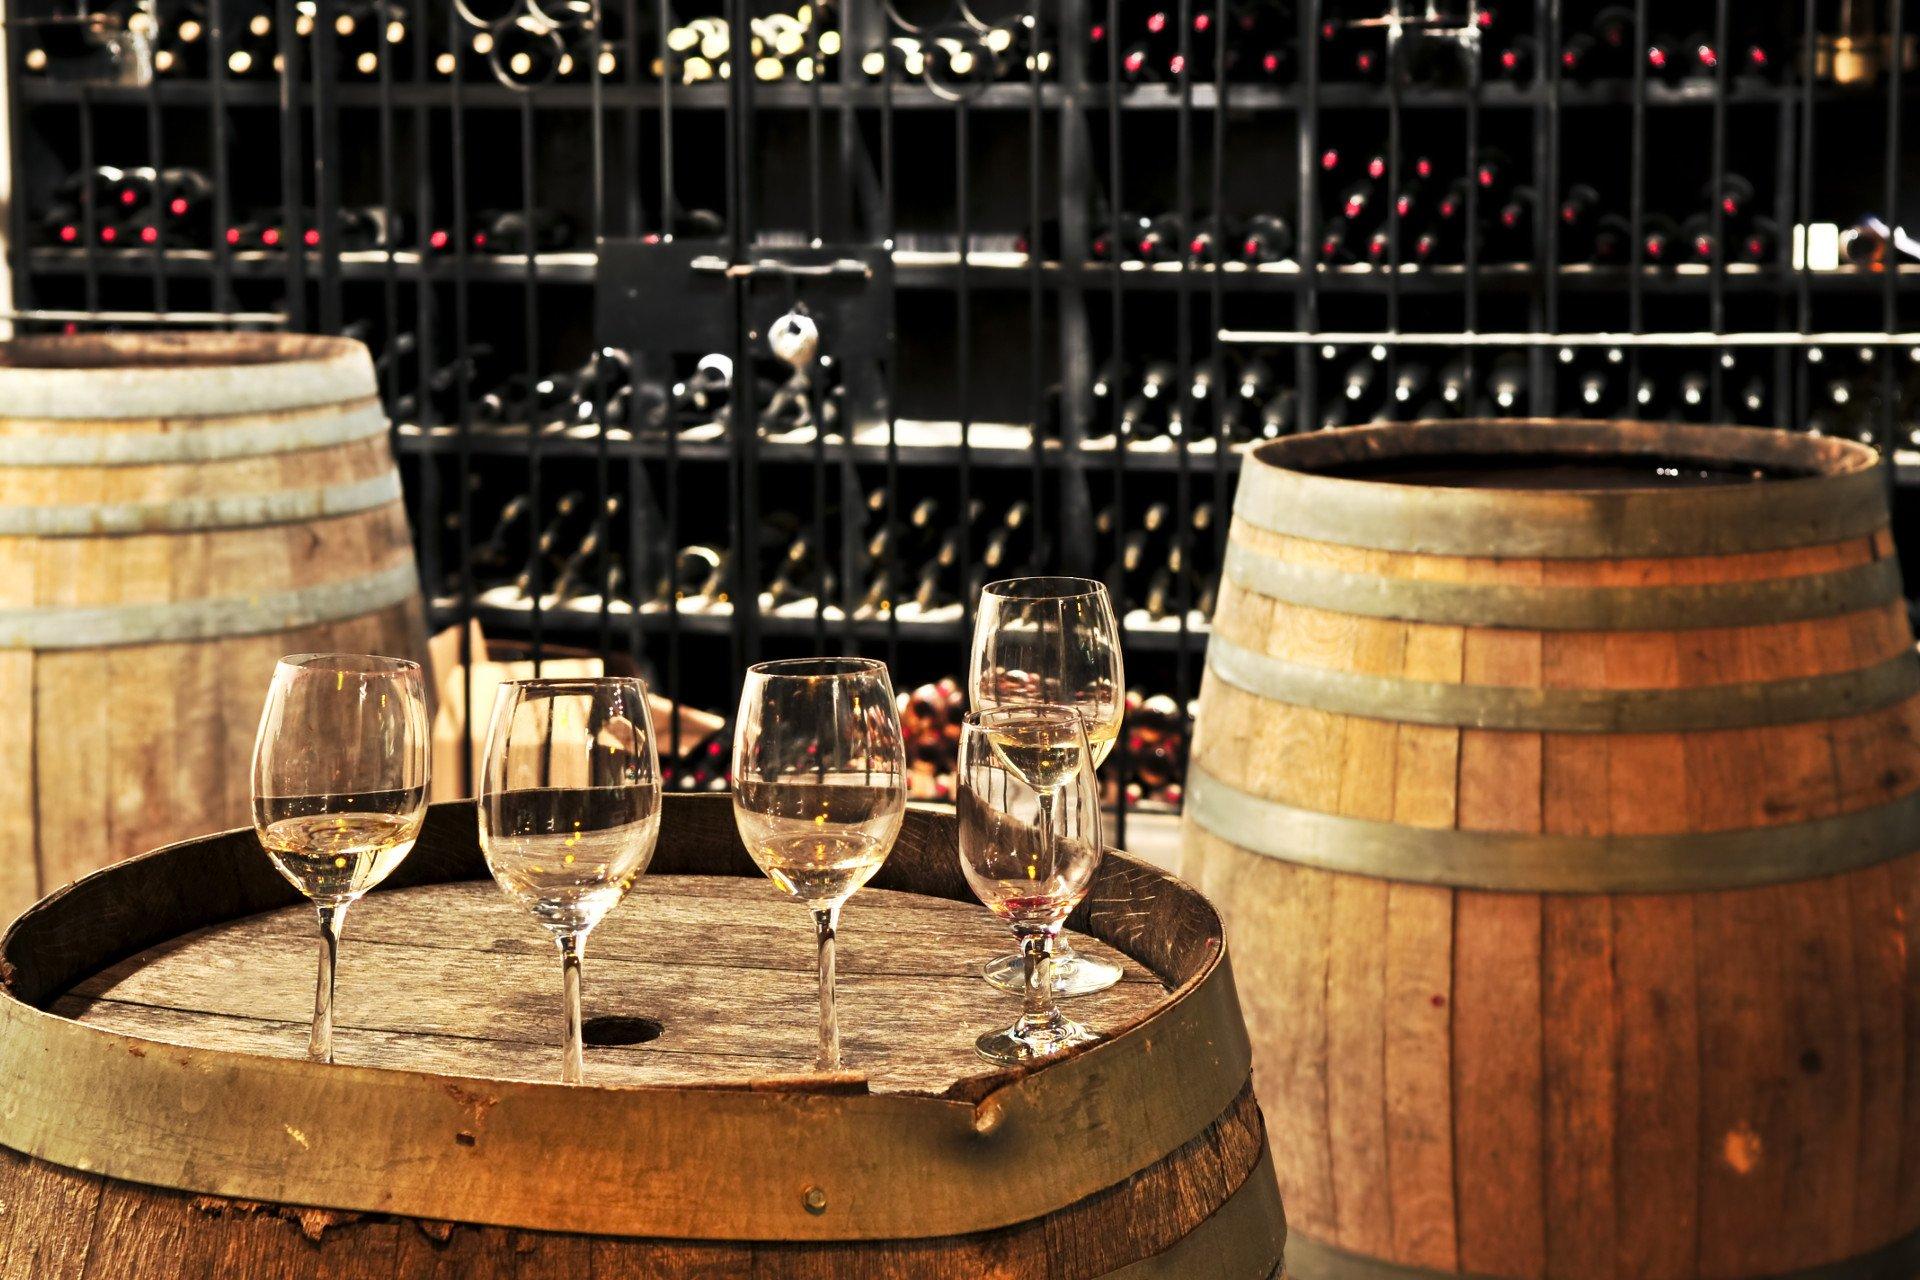 Des verres posés sur un tonneau pendant une dégustation de vin